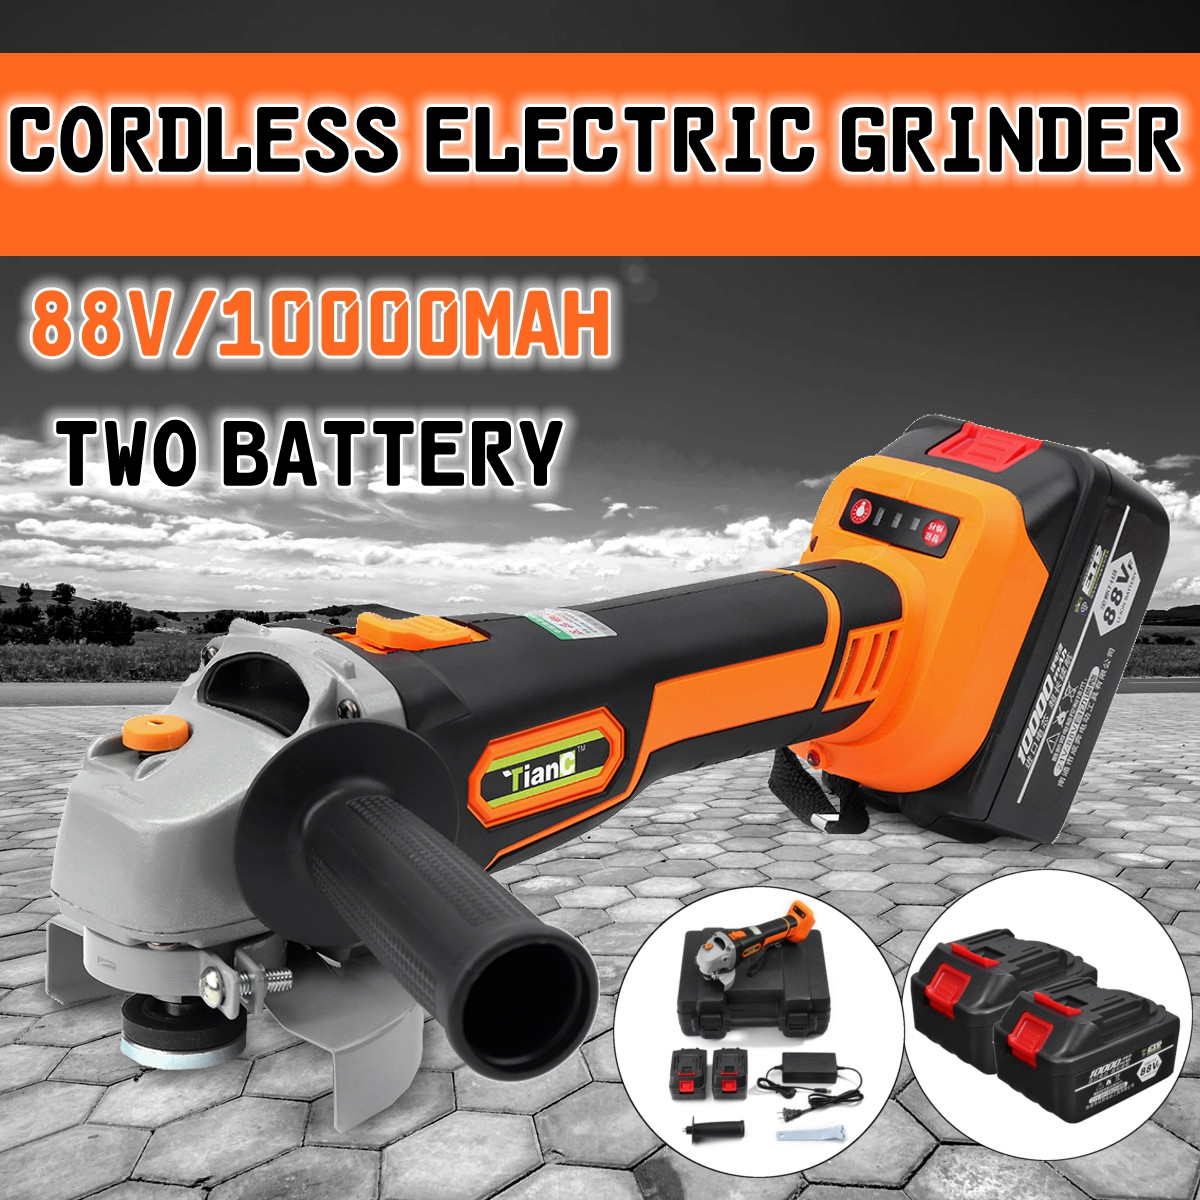 88 В 10000 мАч Электрический угловая шлифовальная машина Беспроводные для шлифовального станка режущий инструмент с 2 батареи для измельчения ...